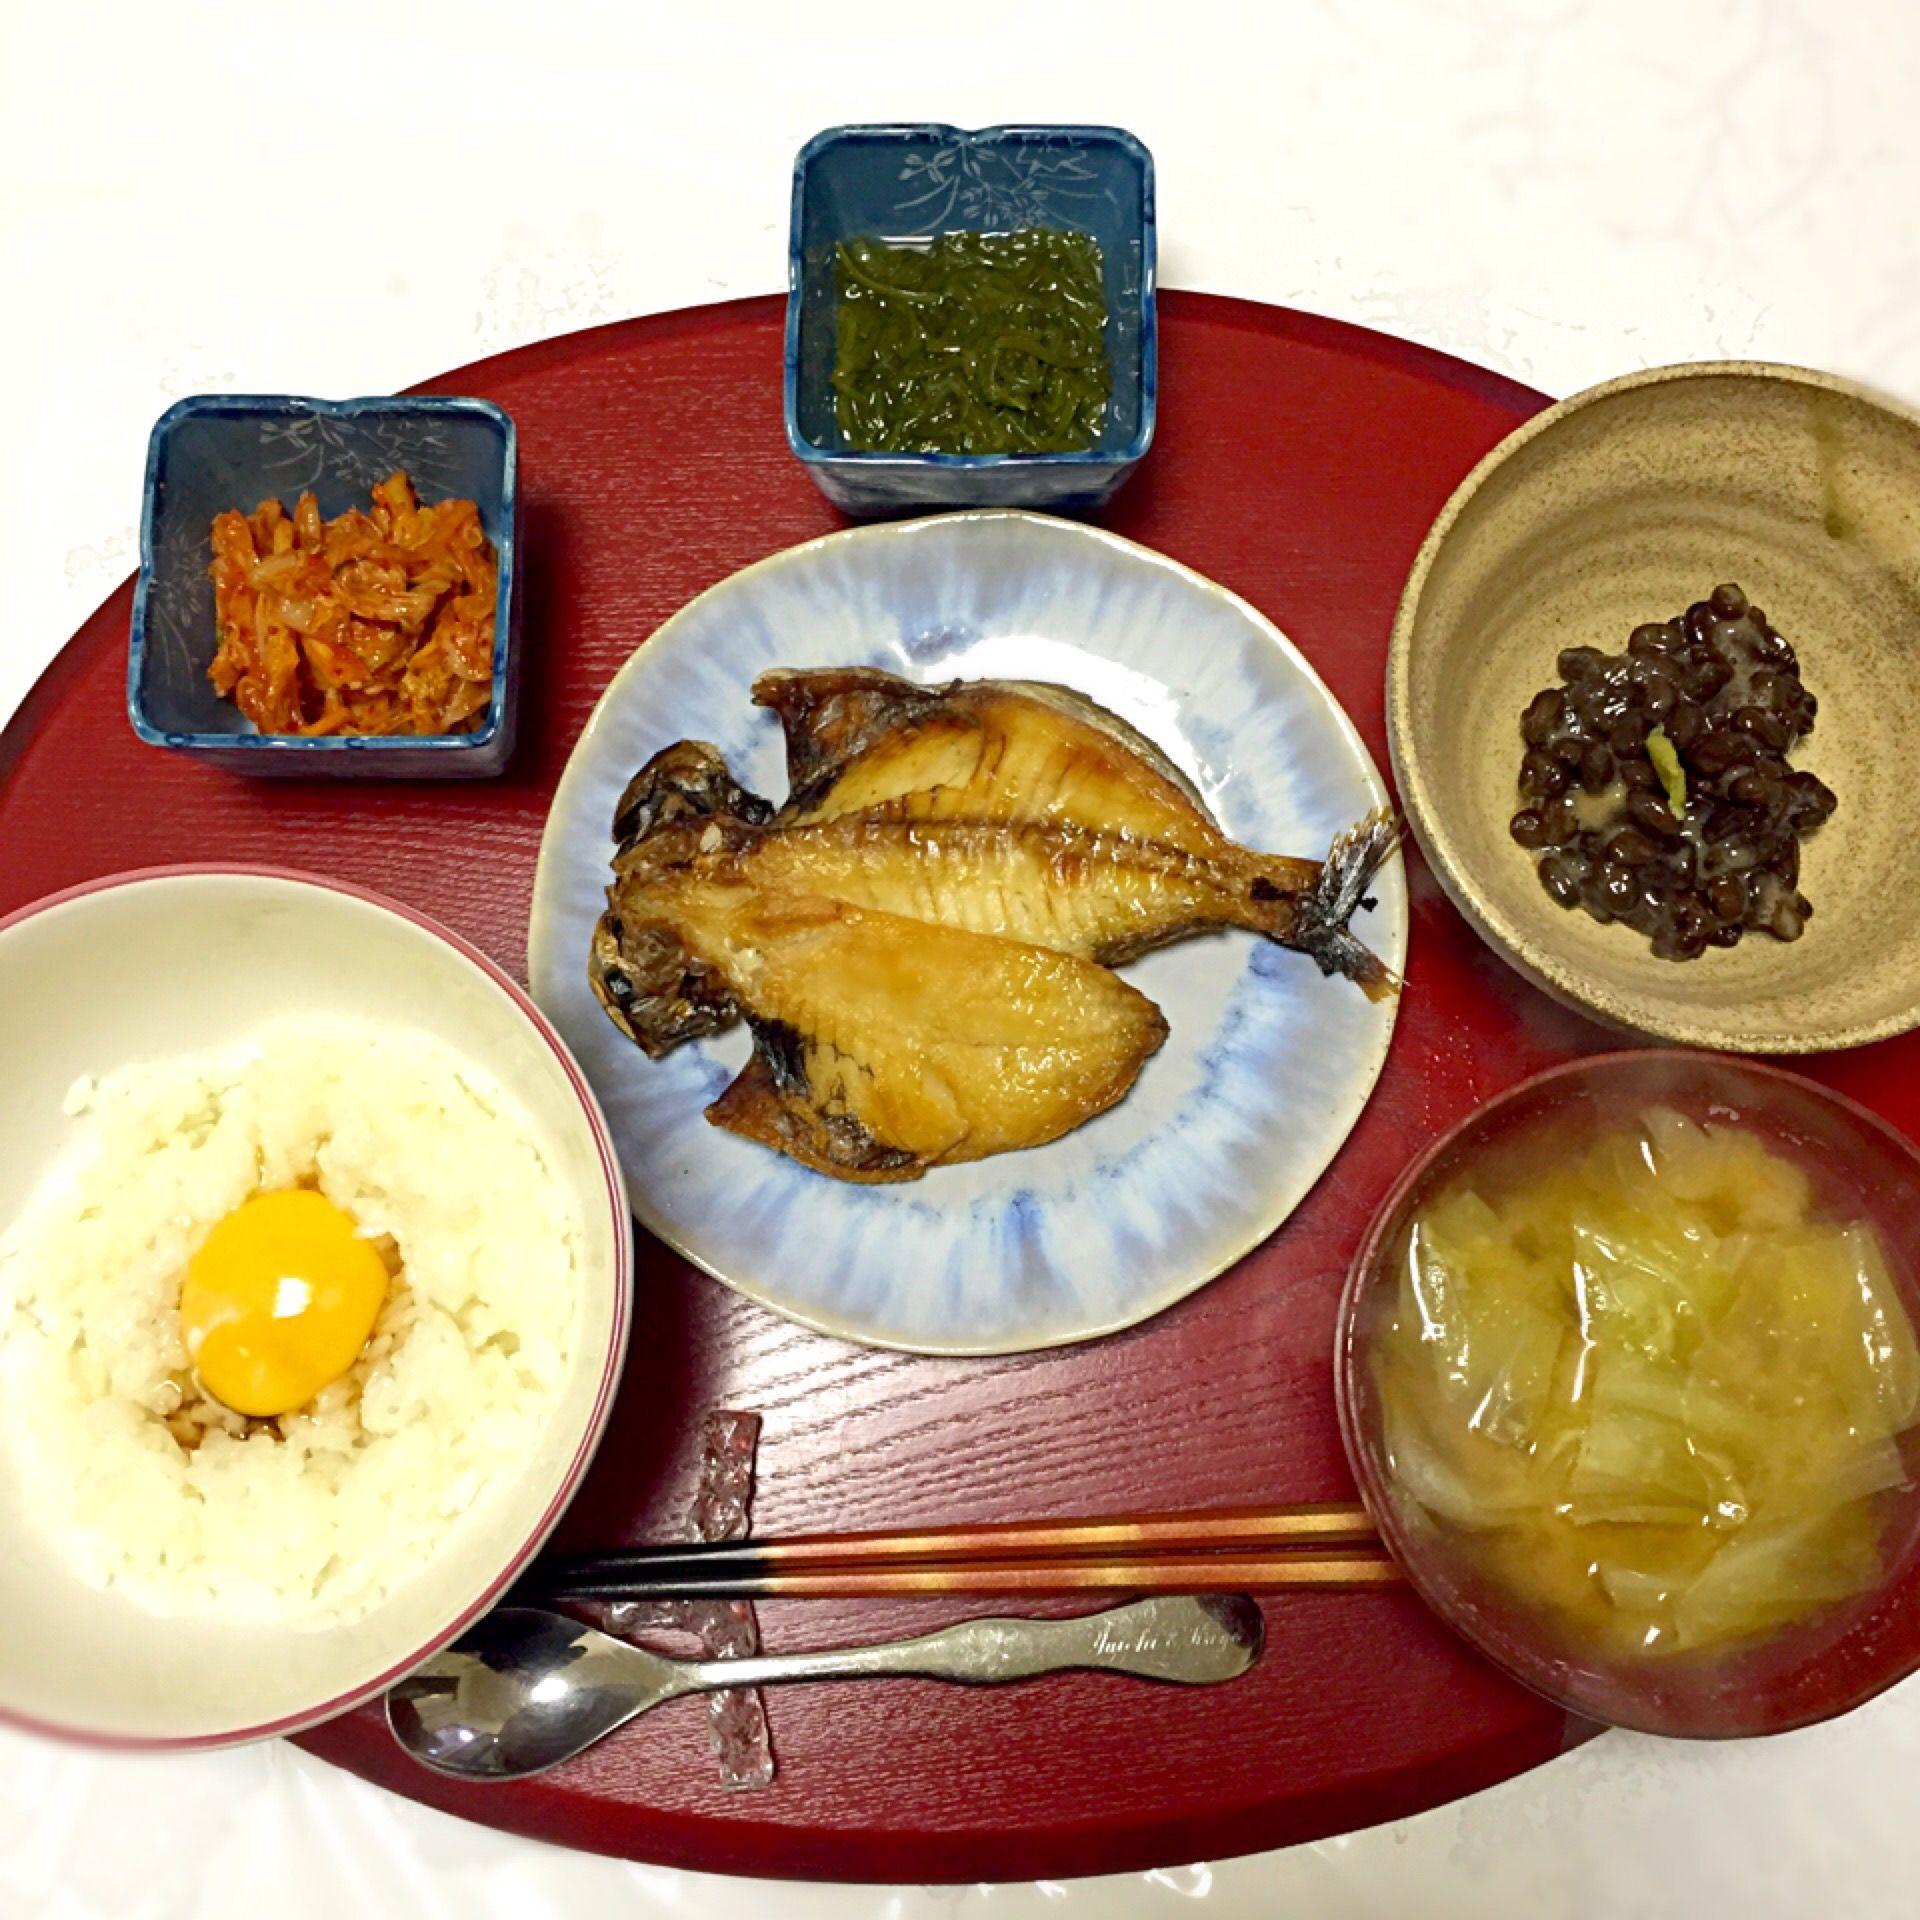 えぼ鯛の開き干し、黒豆納豆、めかぶ、キムチ、キャベツのお味噌汁、TKG